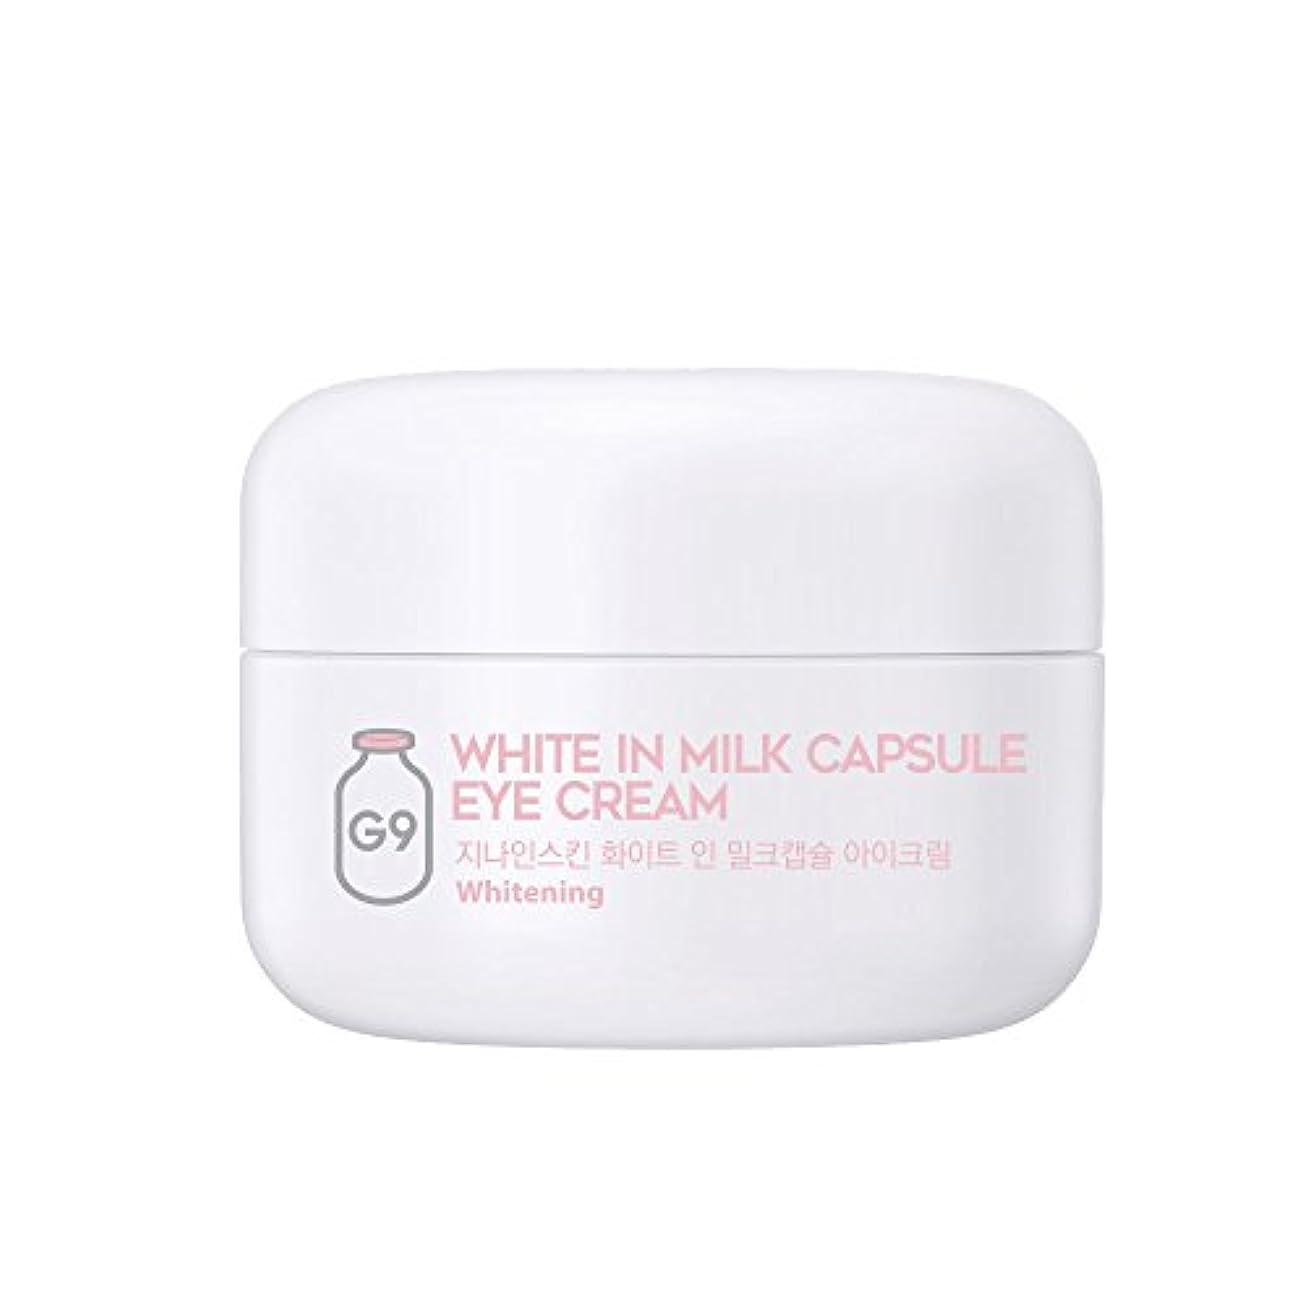 トマト誕生リーG9SKIN(ベリサム) White In Milk Capsule Eye Cream ホワイトインミルクカプセルアイクリーム 30g